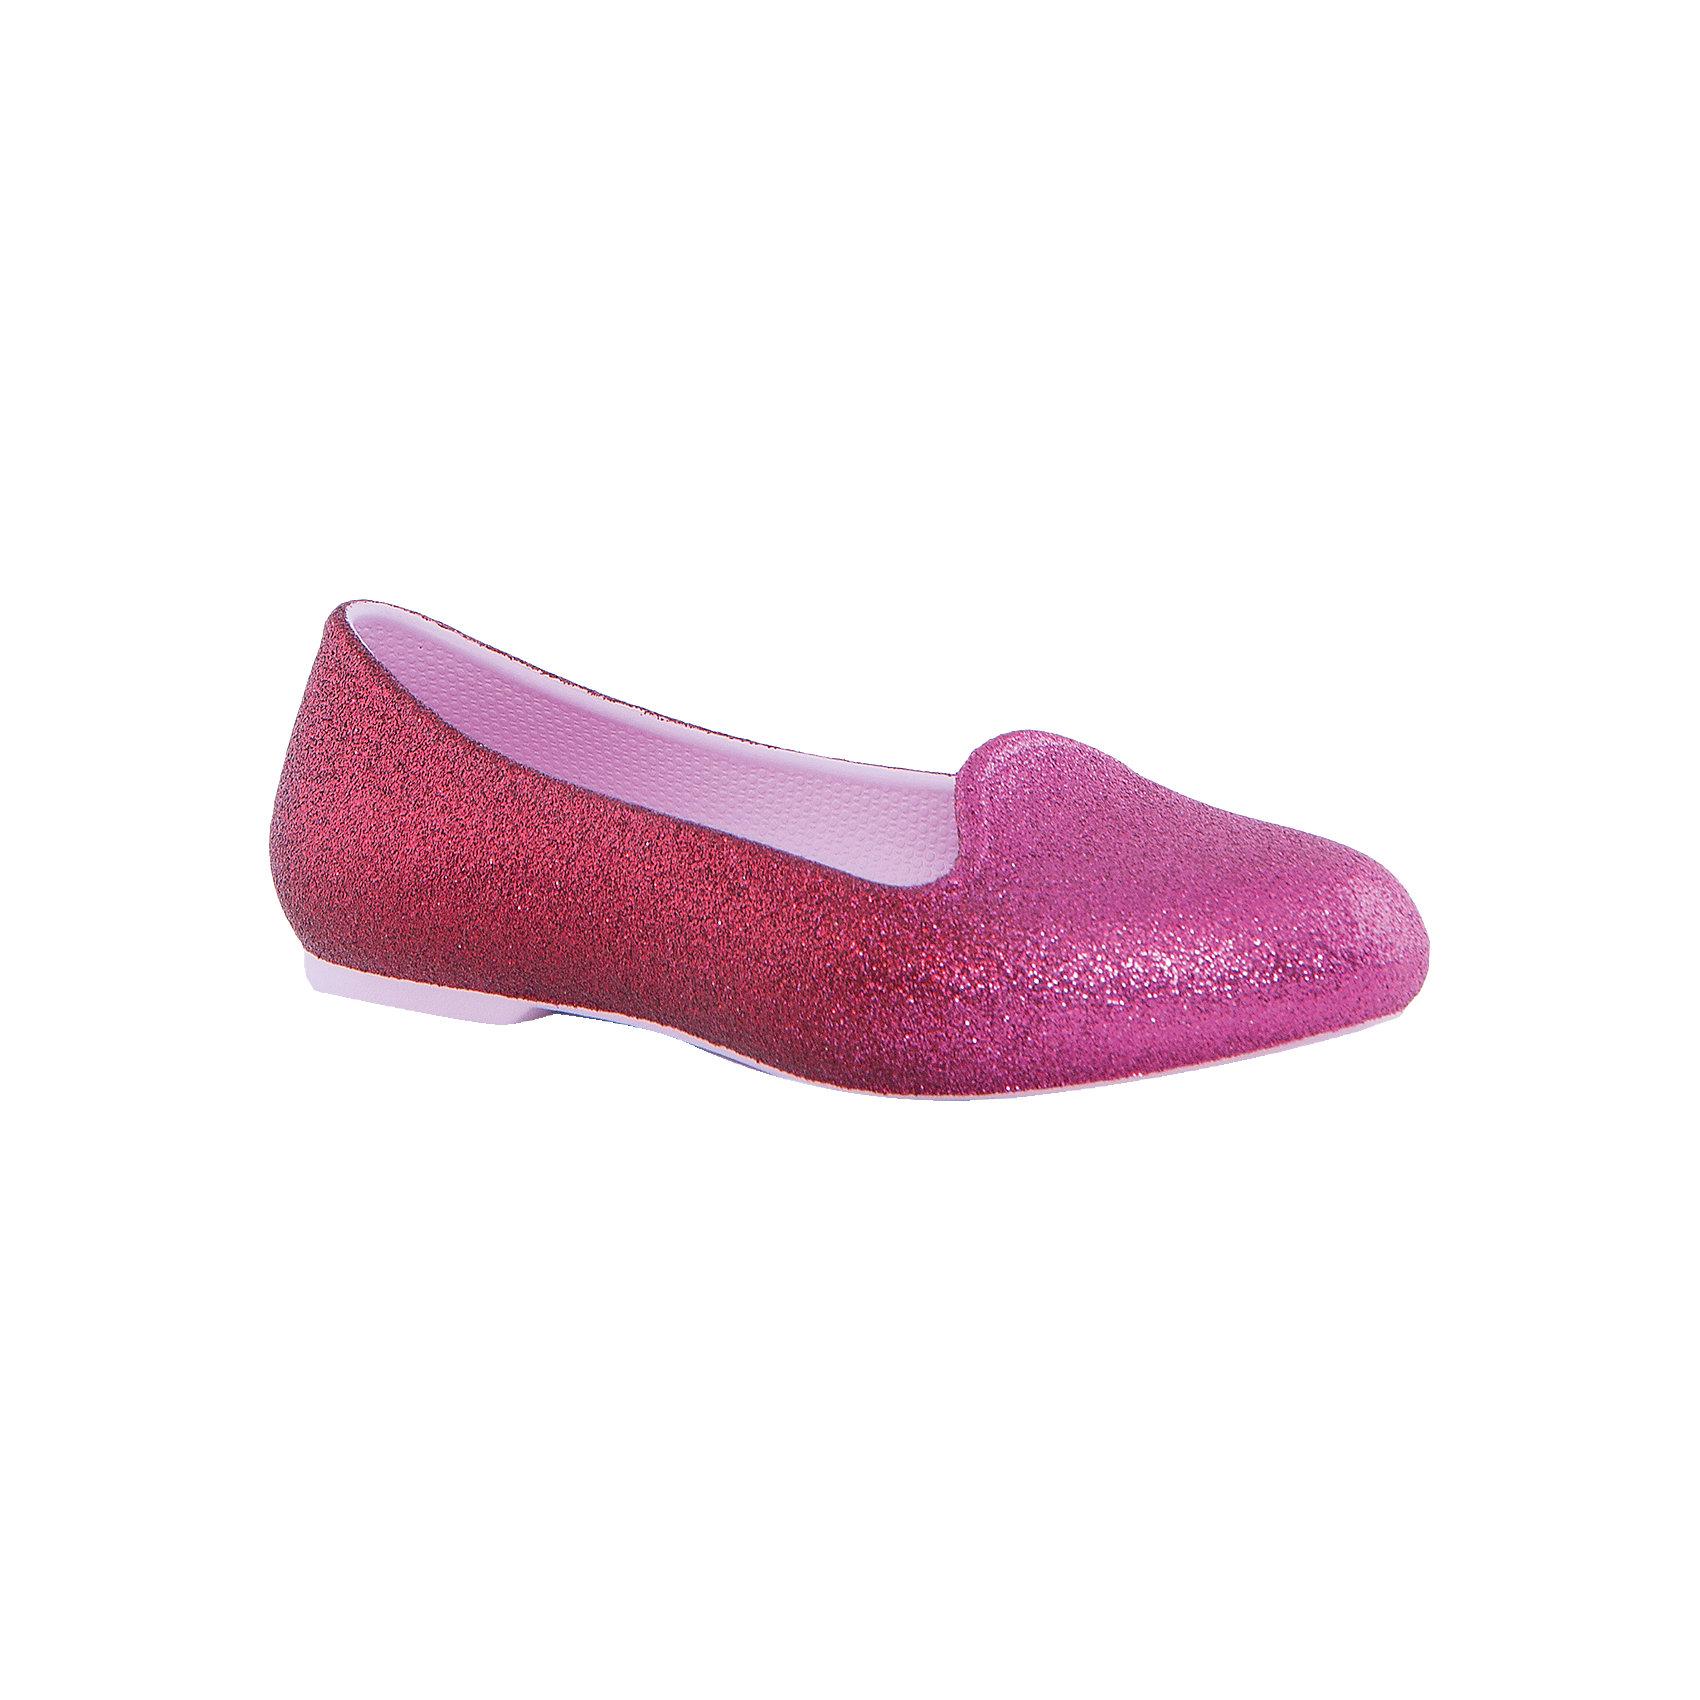 Сабо Eve Sparkle Flat K для девочки CrocsХарактеристики товара:<br><br>• цвет: розовый<br>• материал: верх - текстиль, низ - 100% полимер Croslite™<br>• блестки<br>• антискользящая подошва<br>• бактериостатичный материал<br>• стильный дизайн<br>• устойчивая подошва<br>• страна бренда: США<br>• страна изготовитель: Китай<br><br>Для правильного развития ребенка крайне важно, чтобы обувь была удобной. Такие туфли обеспечивают детям необходимый комфорт, а удобная стелька позволяет ножкам дольше не уставать. Туфли легко надеваются и снимаются, отлично сидят на ноге. Материал, из которого они сделаны, не дает размножаться бактериям, поэтому такая обувь препятствует образованию неприятного запаха и появлению болезней стоп. <br>Обувь от американского бренда Crocs в данный момент завоевала широкую популярность во всем мире, и это не удивительно - ведь она невероятно удобна. Её носят врачи, спортсмены, звёзды шоу-бизнеса, люди, которым много времени приходится бывать на ногах - они понимают, как важна комфортная обувь. Продукция Crocs - это качественные товары, созданные с применением новейших технологий. Обувь отличается стильным дизайном и продуманной конструкцией. Изделие производится из качественных и проверенных материалов, которые безопасны для детей.<br><br>Туфли для девочки от торговой марки Crocs можно купить в нашем интернет-магазине.<br><br>Ширина мм: 225<br>Глубина мм: 139<br>Высота мм: 112<br>Вес г: 290<br>Цвет: розовый<br>Возраст от месяцев: 24<br>Возраст до месяцев: 24<br>Пол: Женский<br>Возраст: Детский<br>Размер: 25,26,31,33,34,28,29,30,27<br>SKU: 4940827